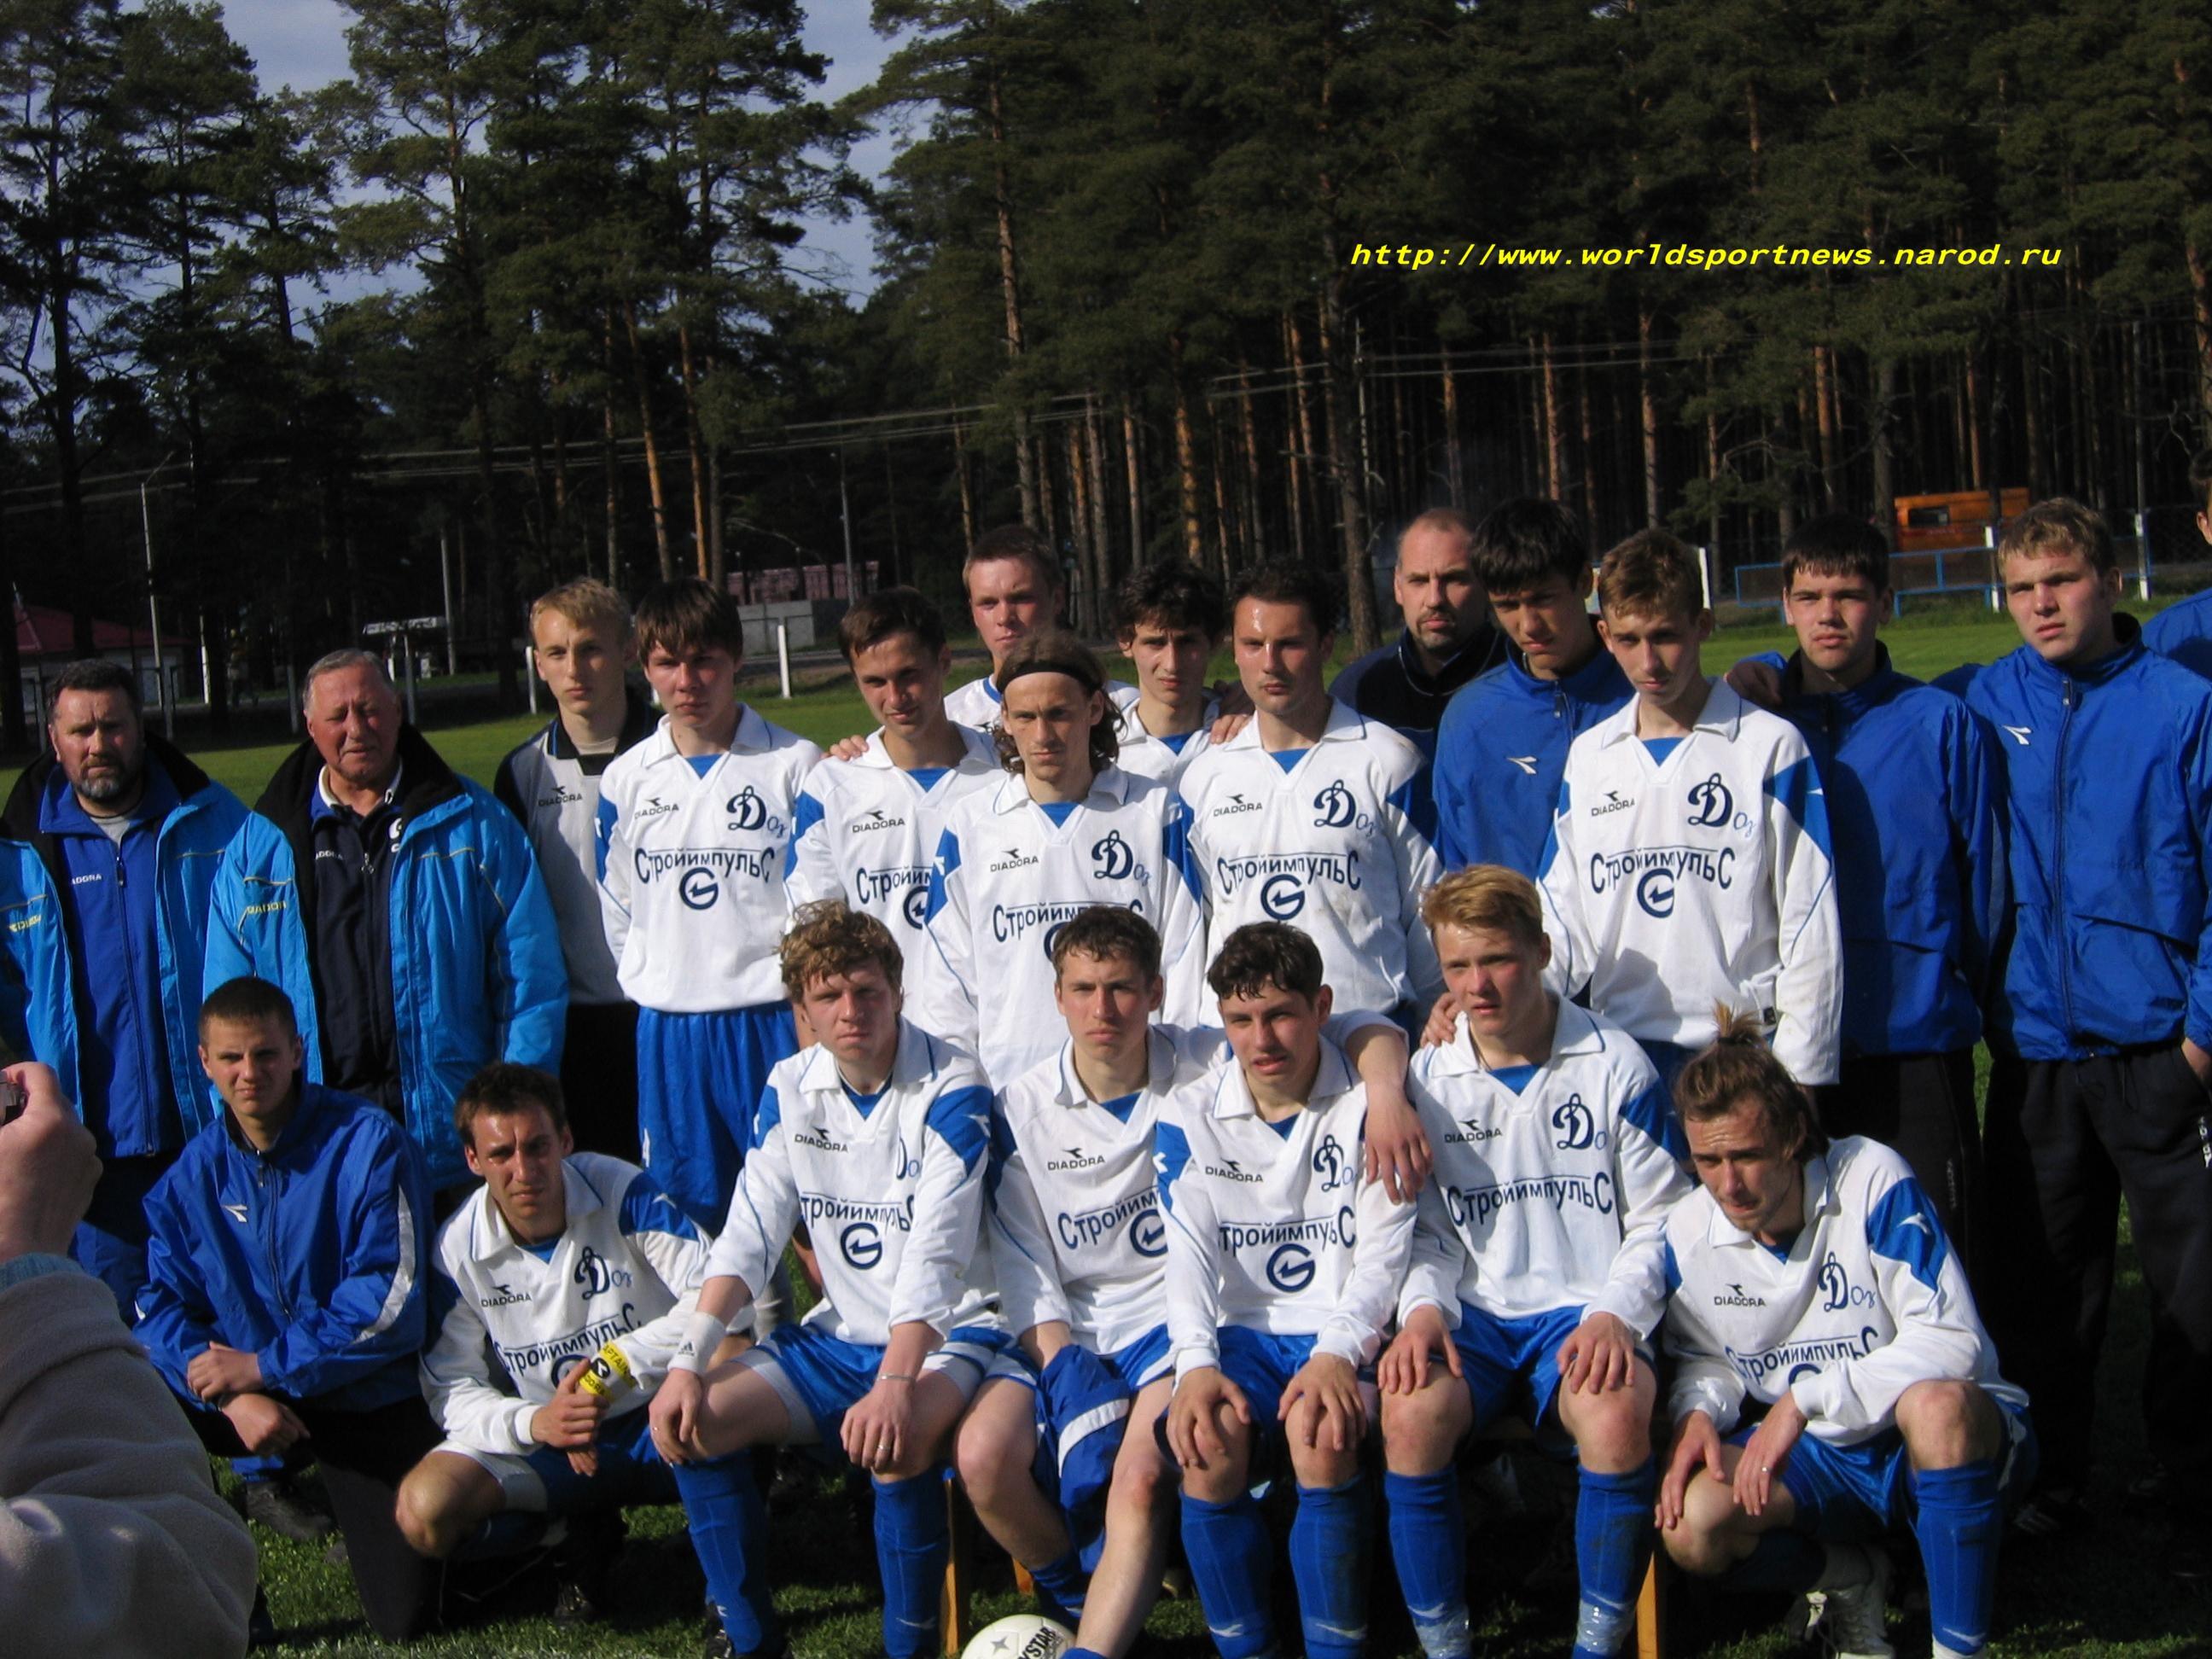 Команда Приозерск 2004